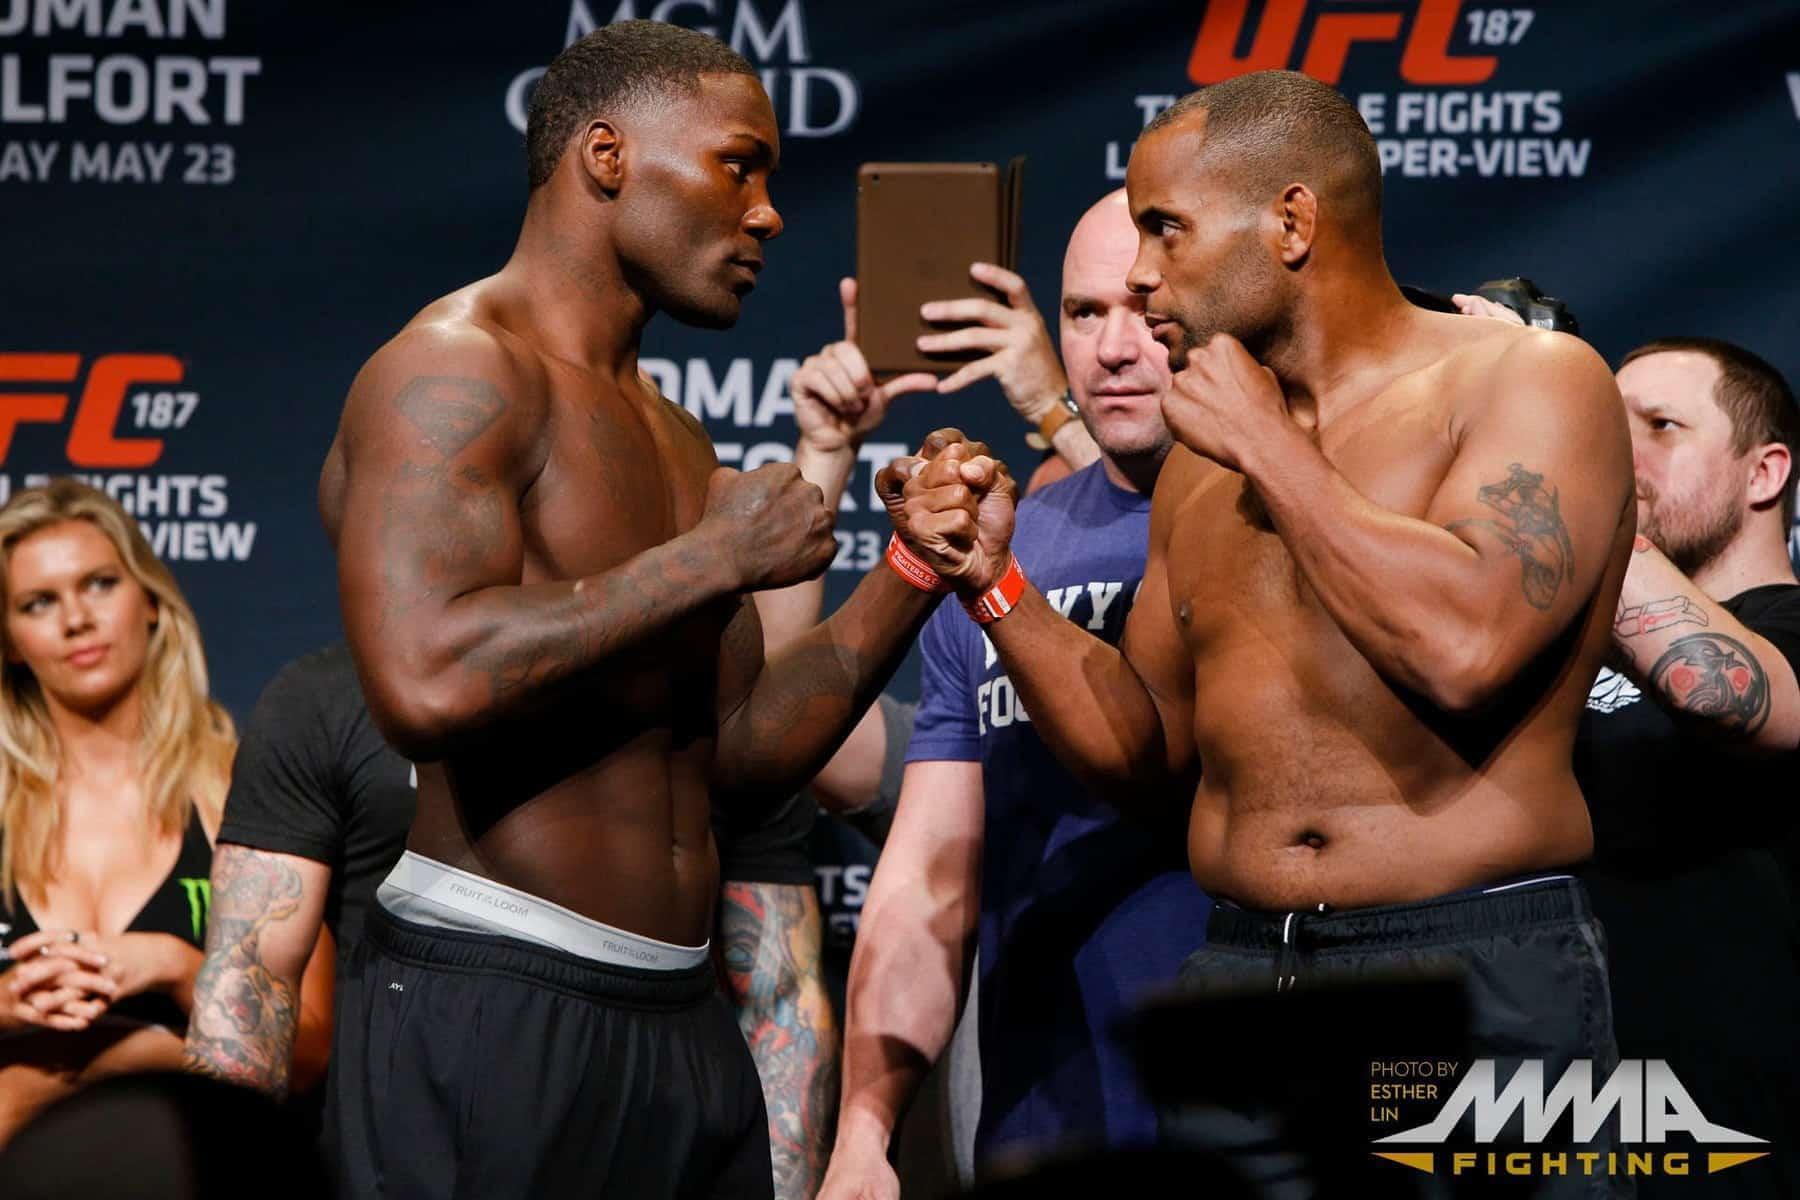 Где и как смотреть UFC 210. Памятка фанату ММА